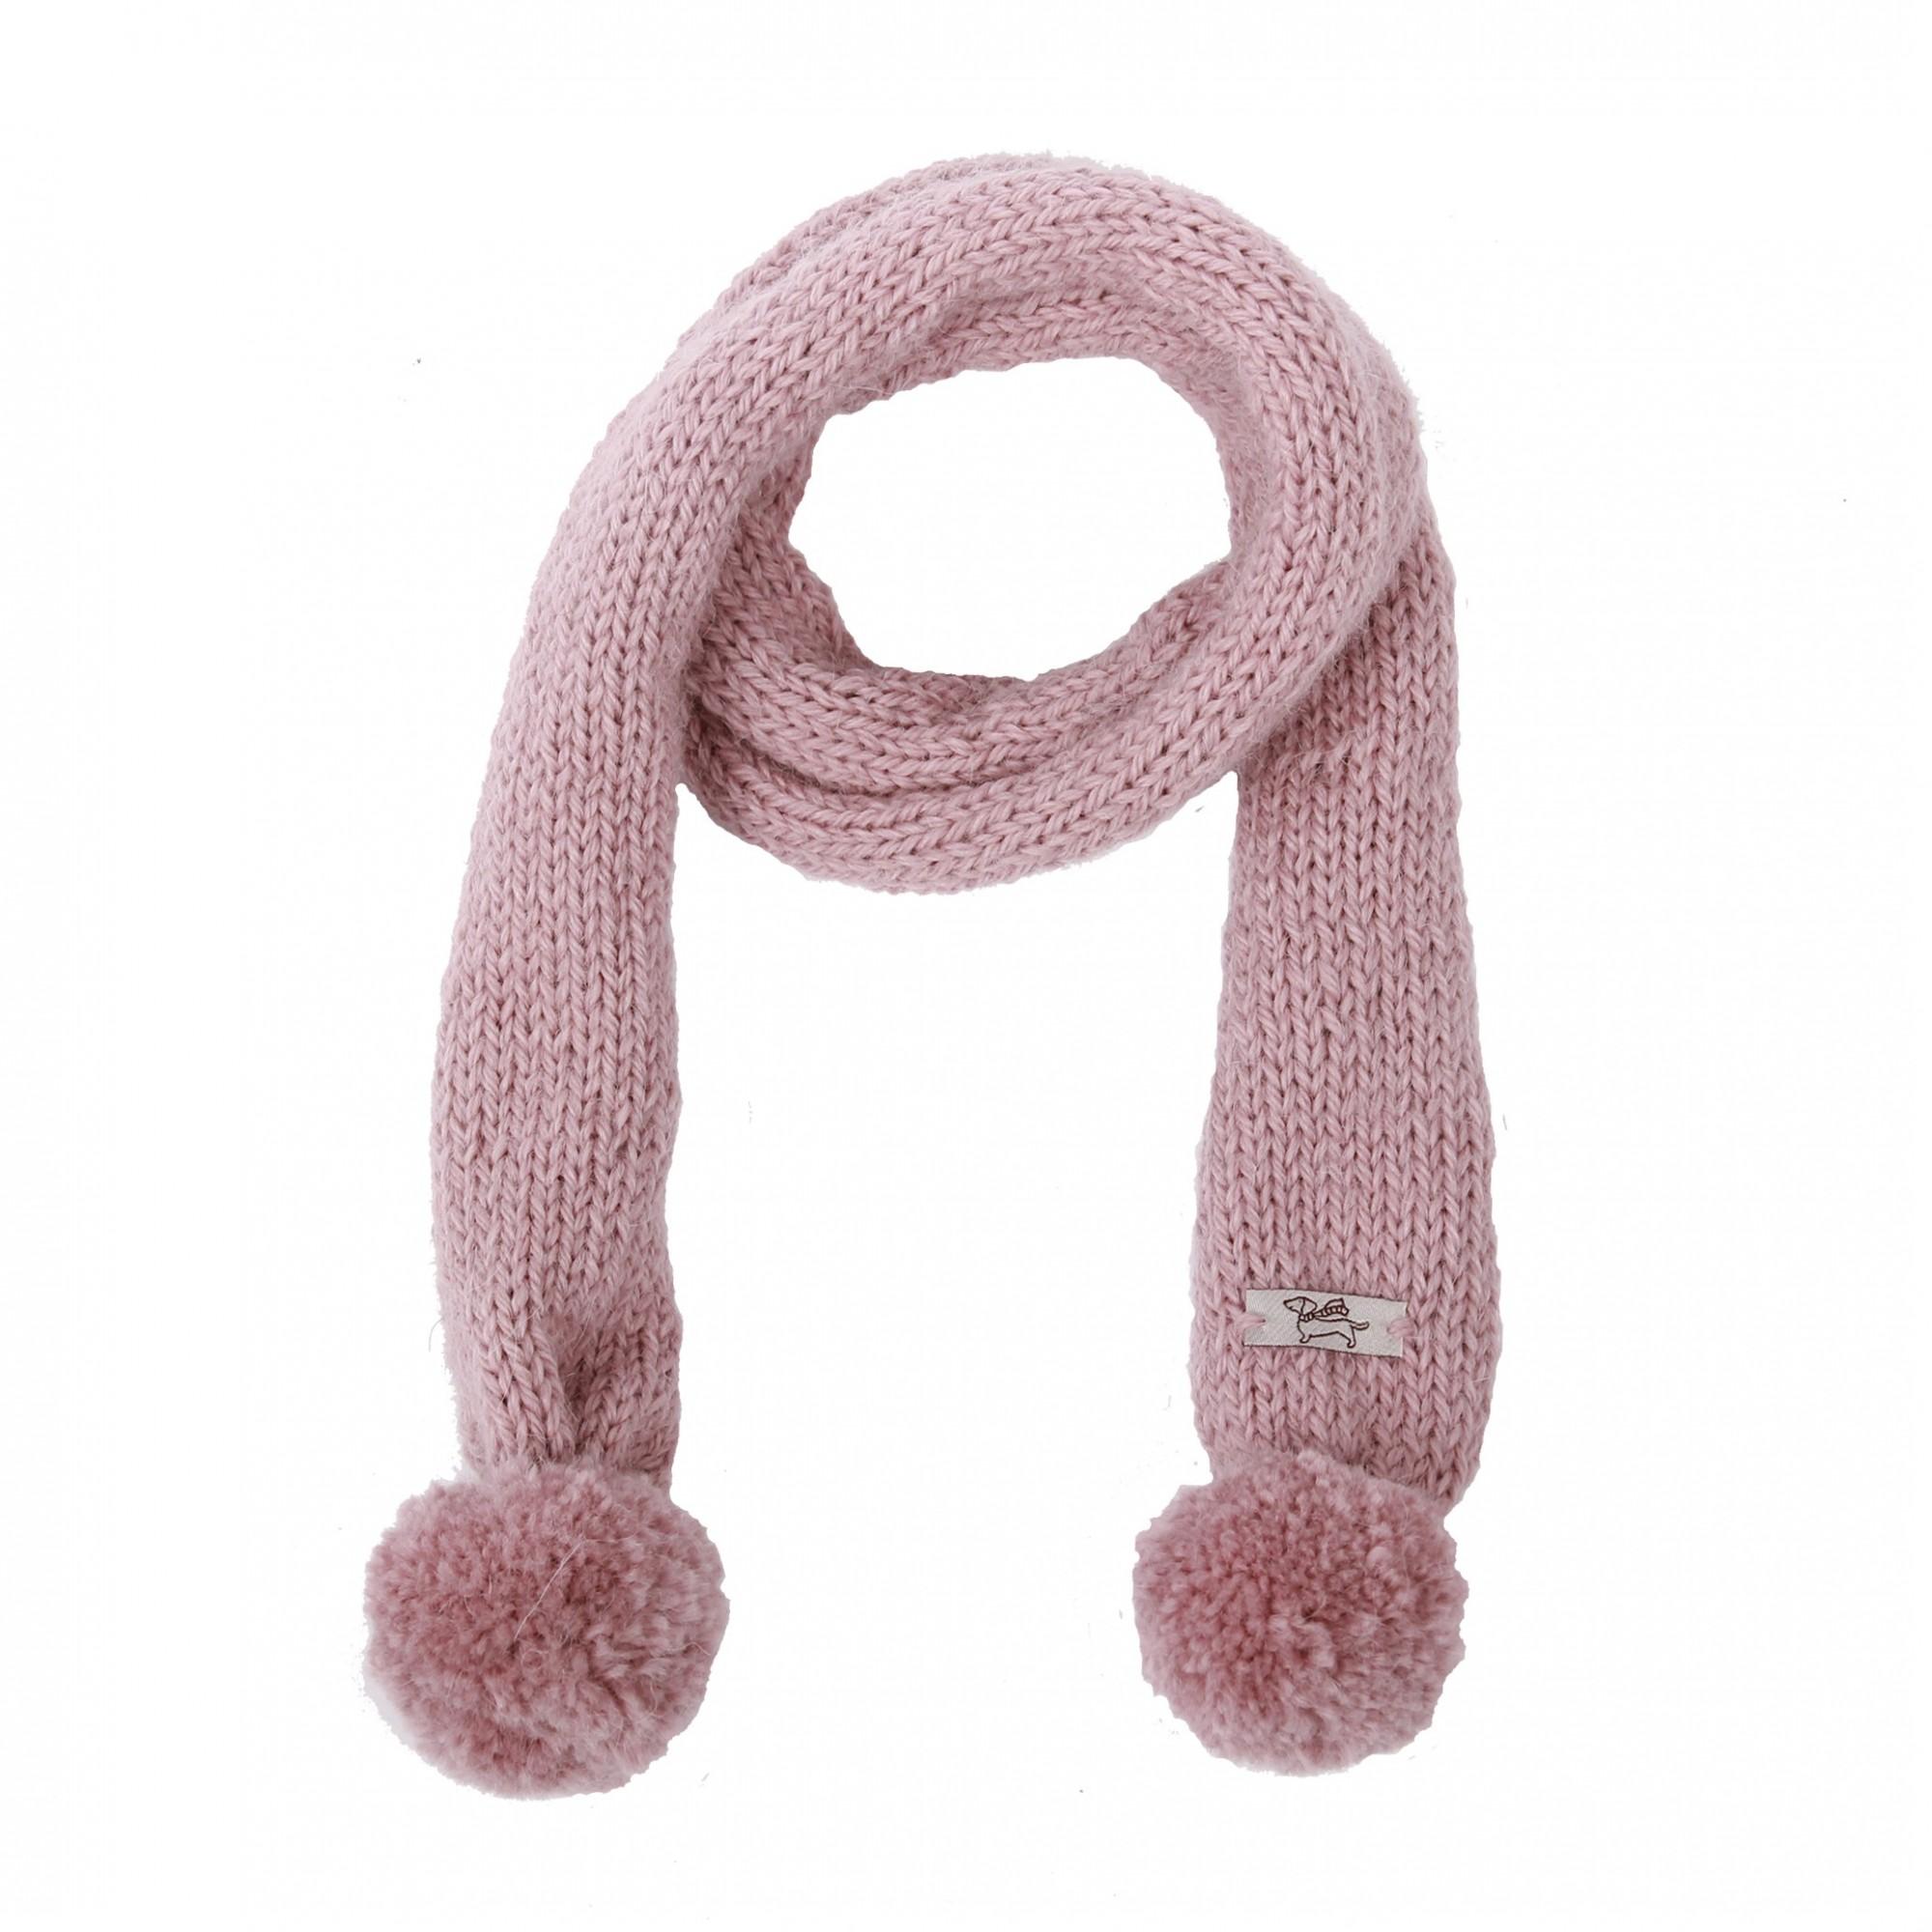 Echarpe mauve poudré tricotée à la main avec deux pompons. En laine et  alpaga, protection contre le froid. b6f609a0ada